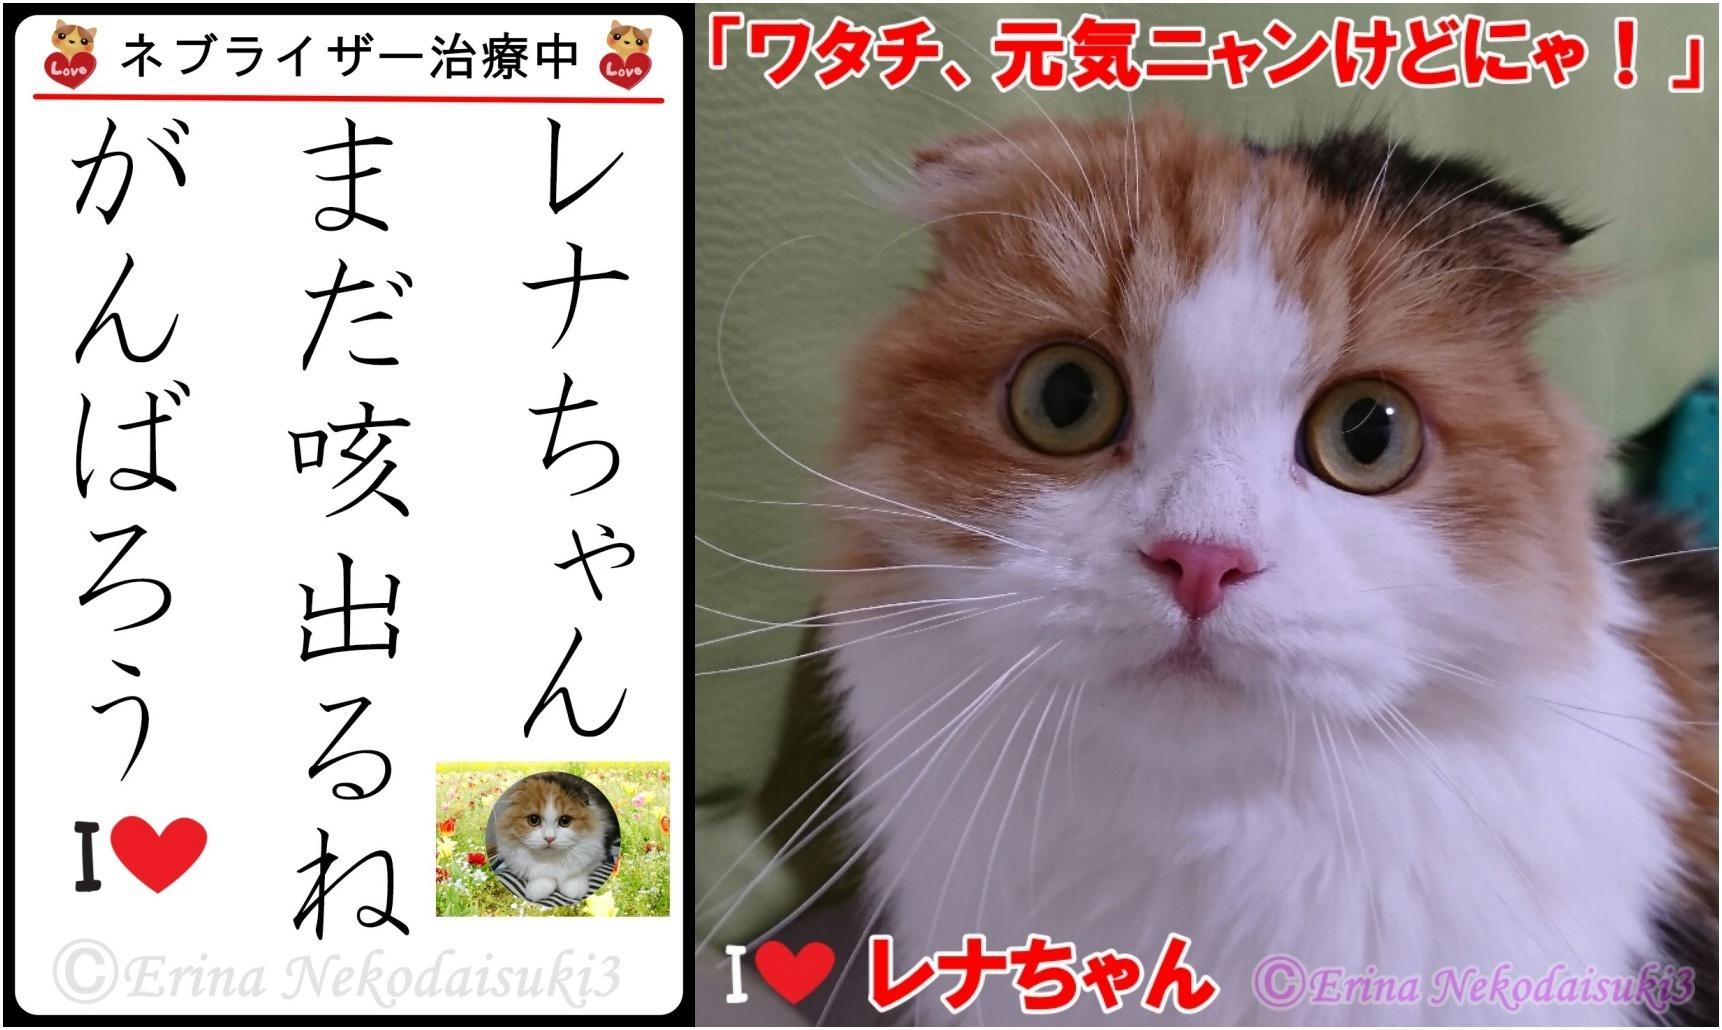 2連結猫川柳左側レナちゃん咳出ちゃうねがんばろう.jpg